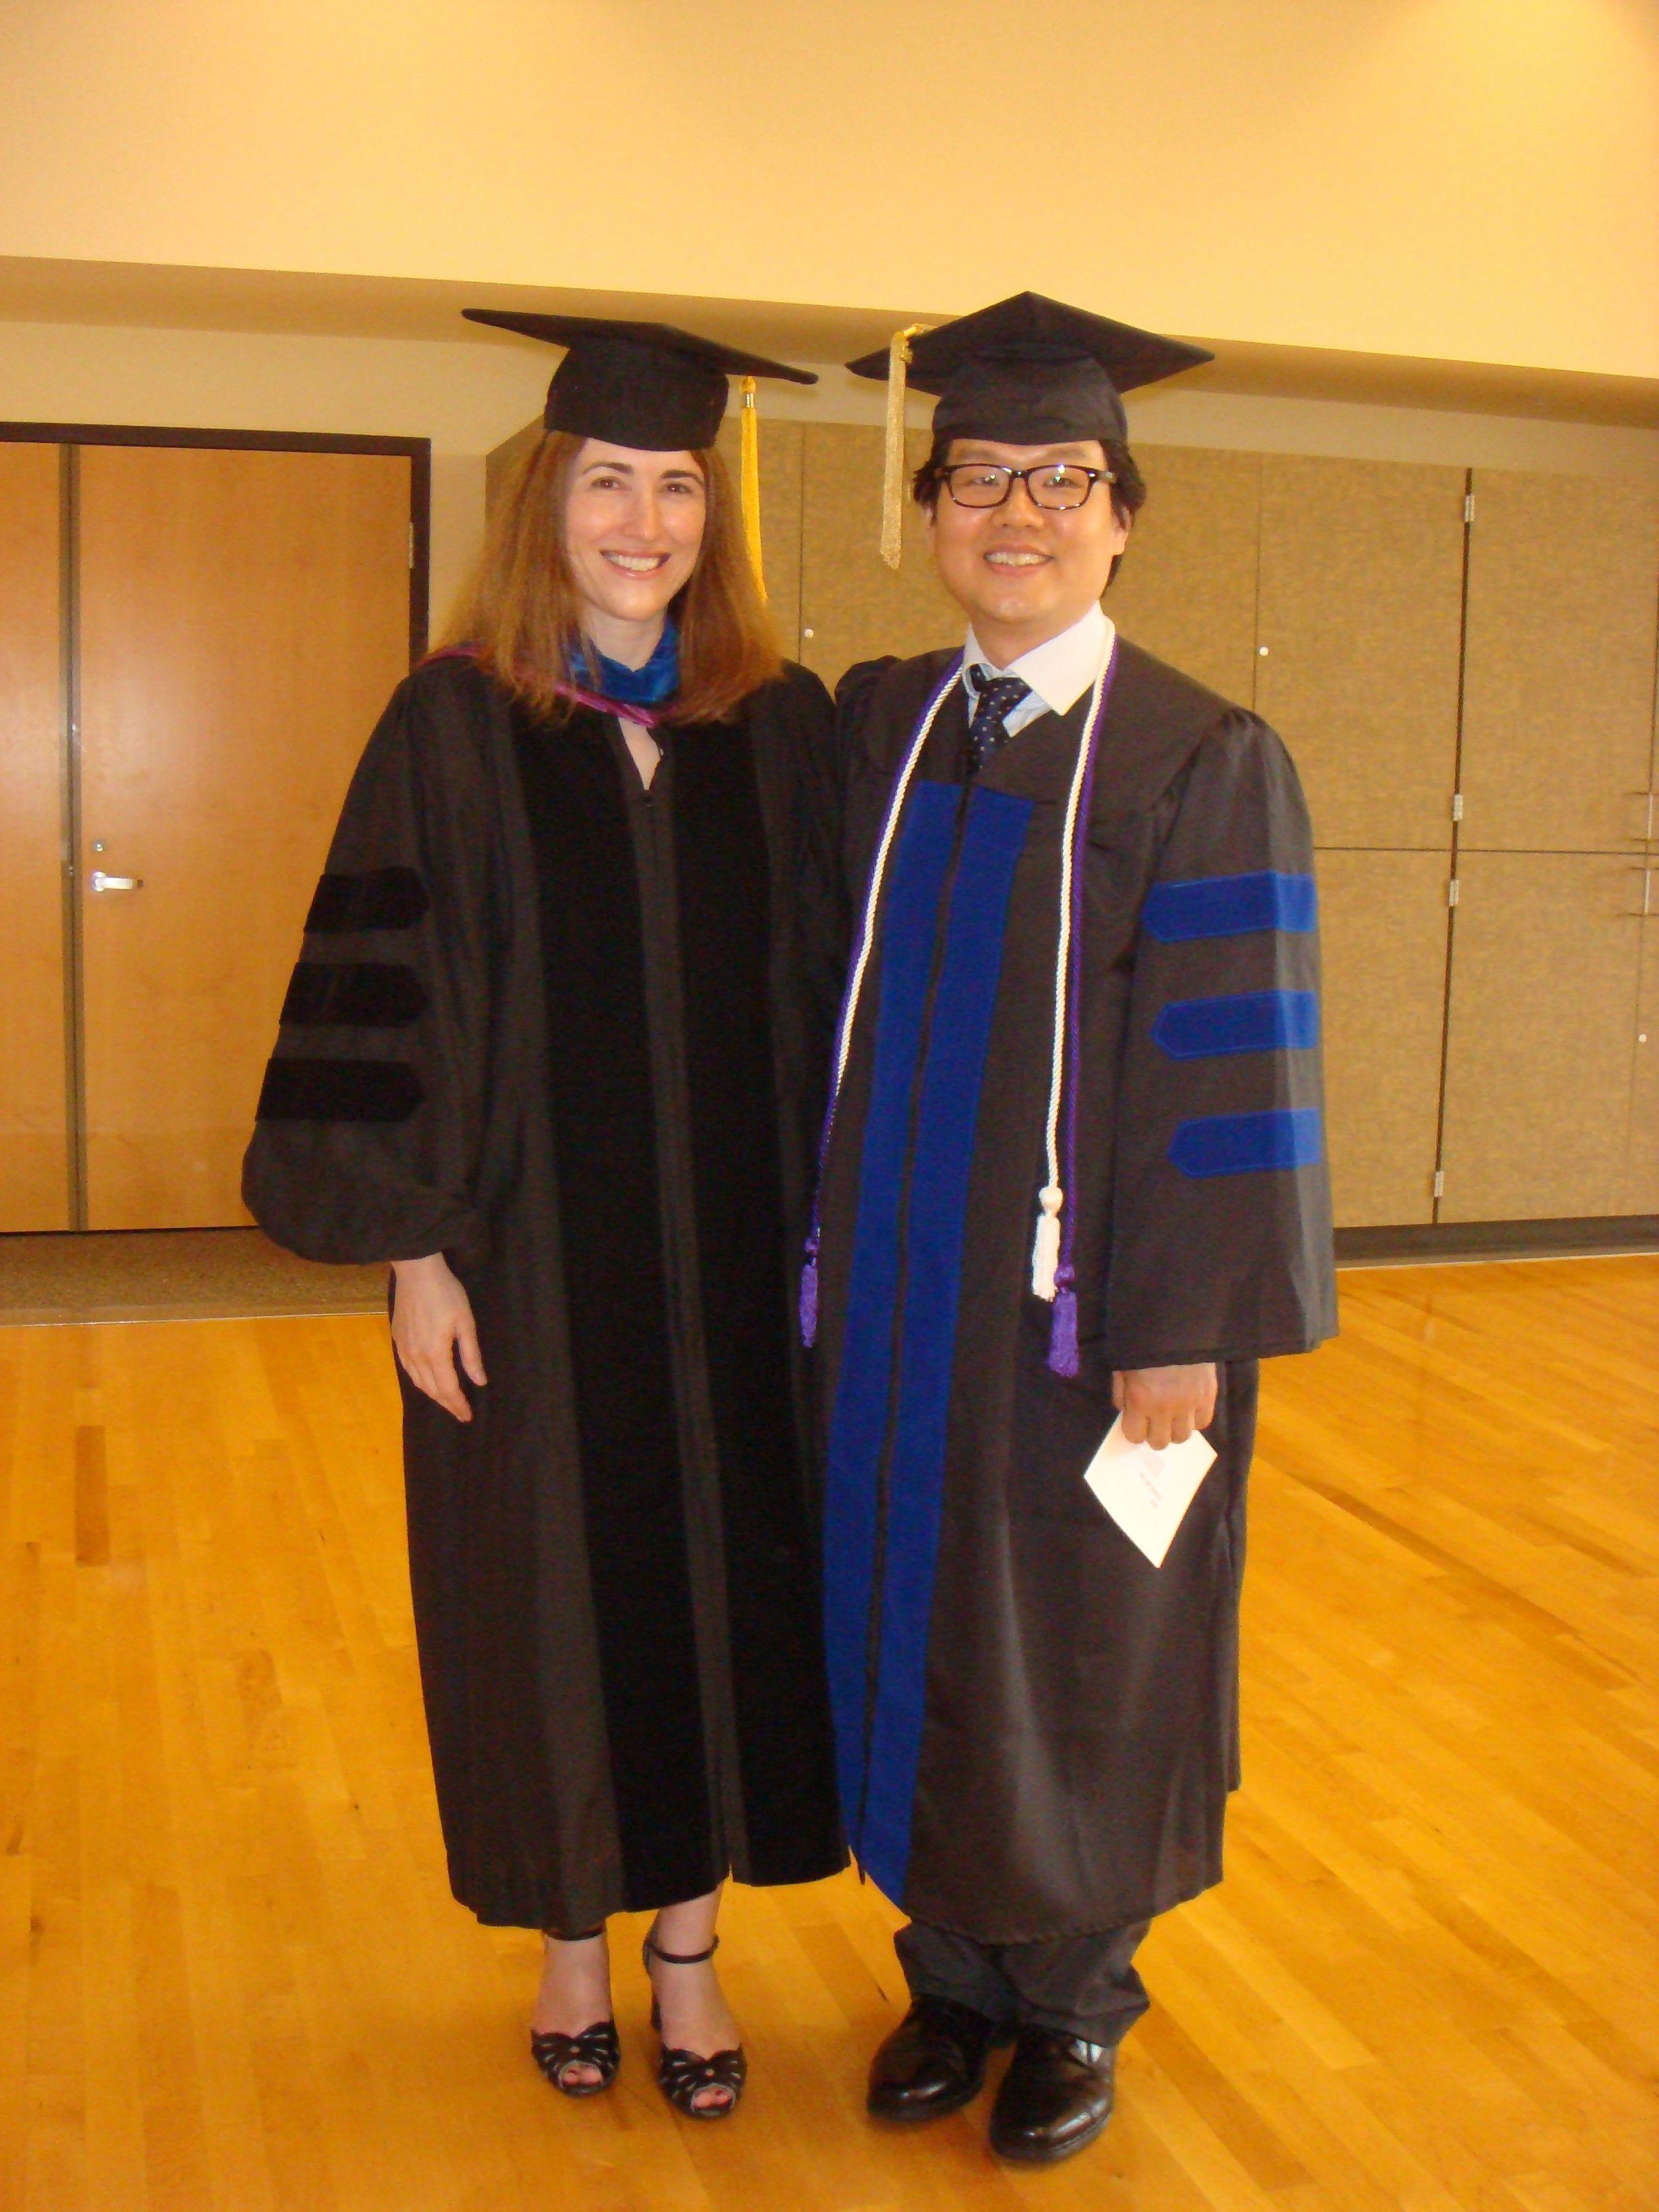 SJ's graduation